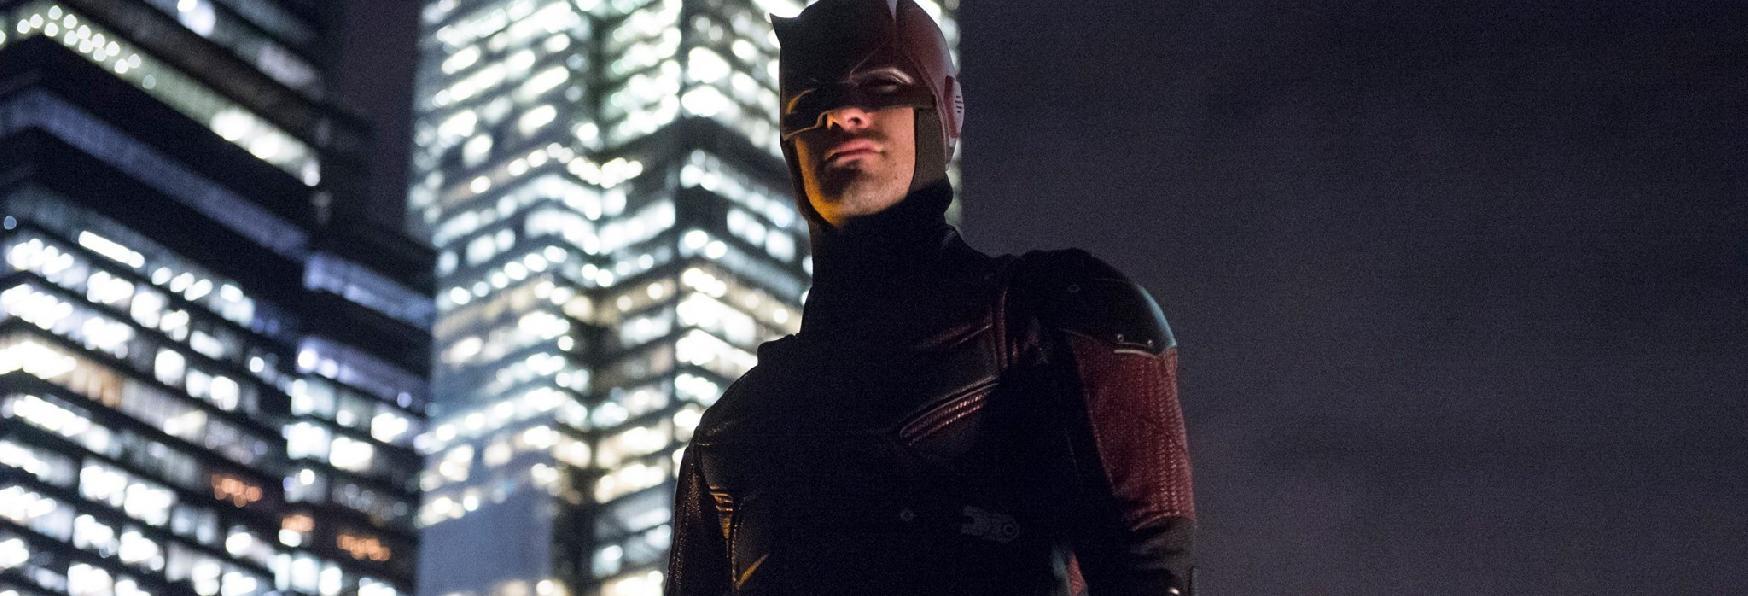 Daredevil 4: le Riprese sarebbero Iniziate a Febbraio 2019